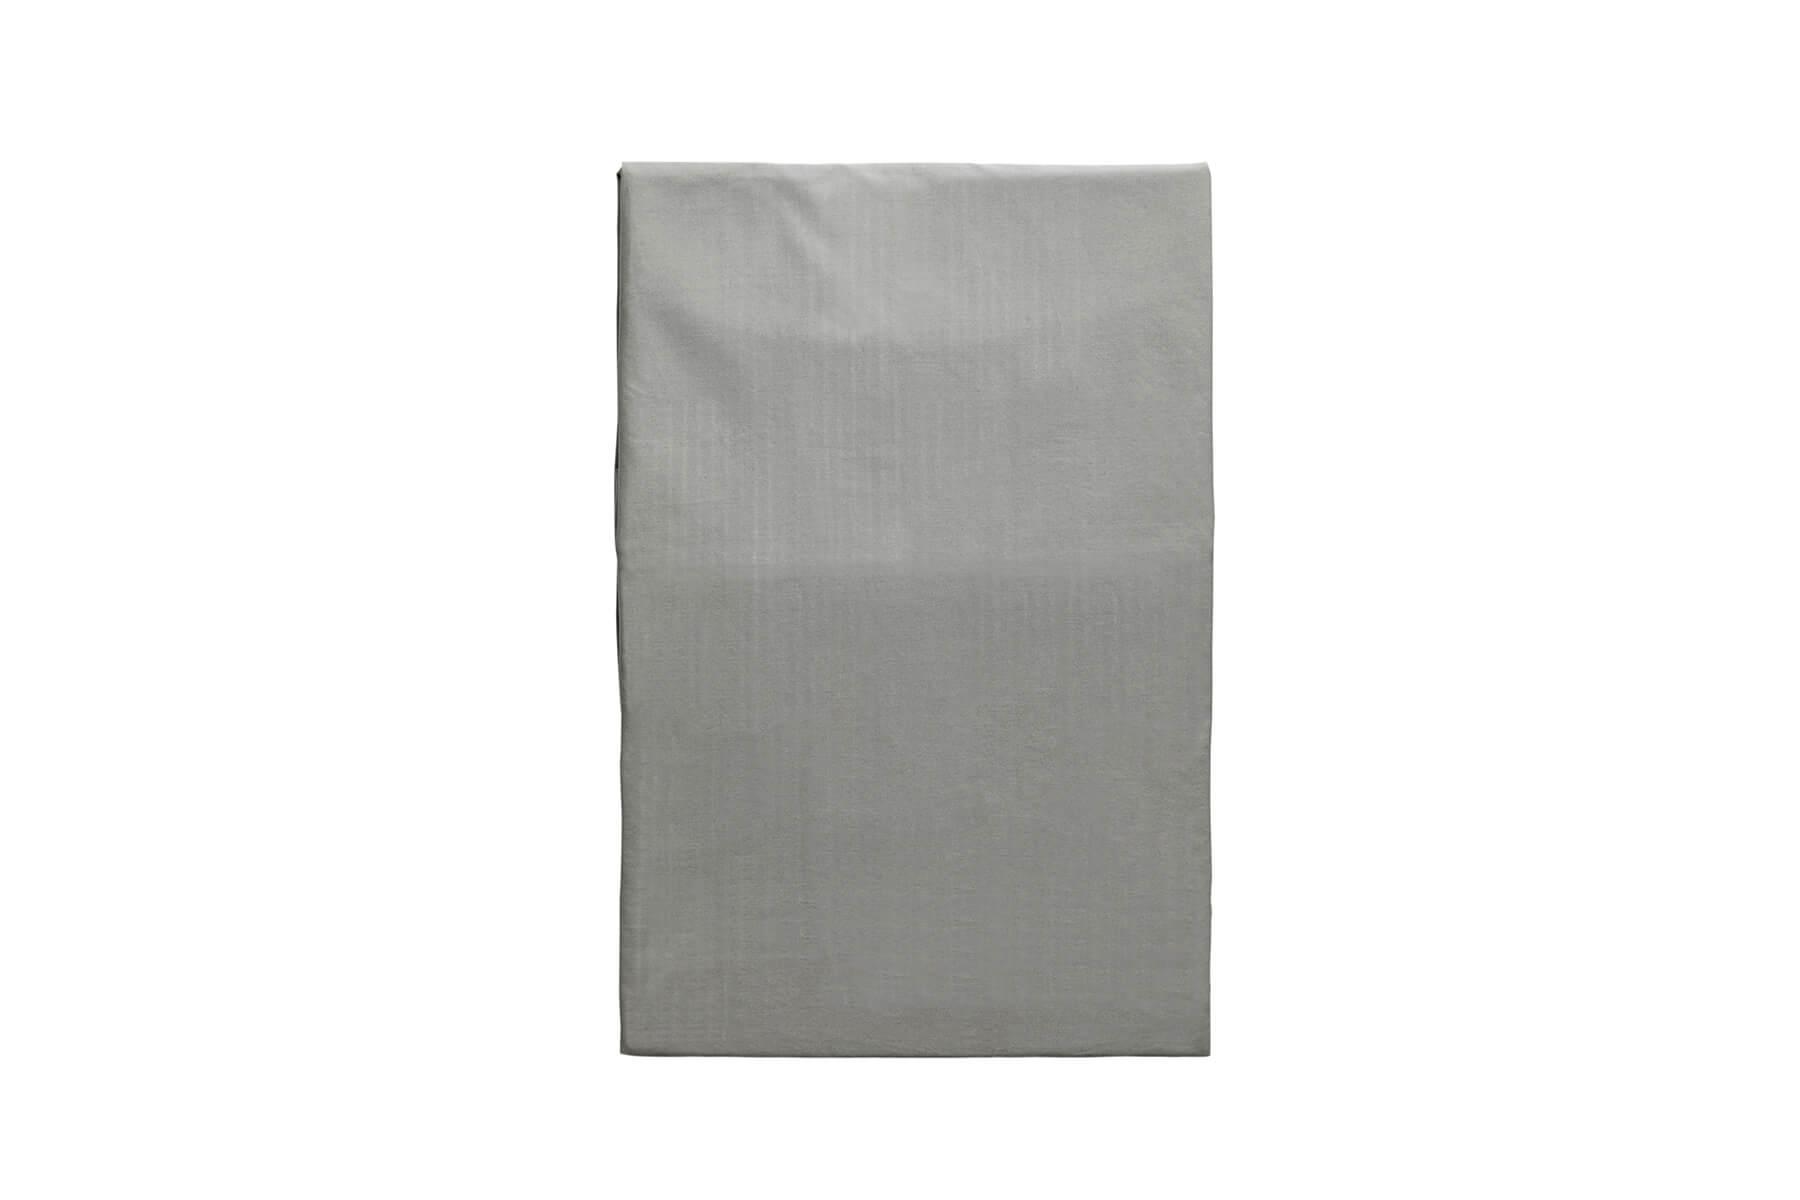 Køb Norhland kuvert splitlagen GrÃ¥ 180 x 210 cm